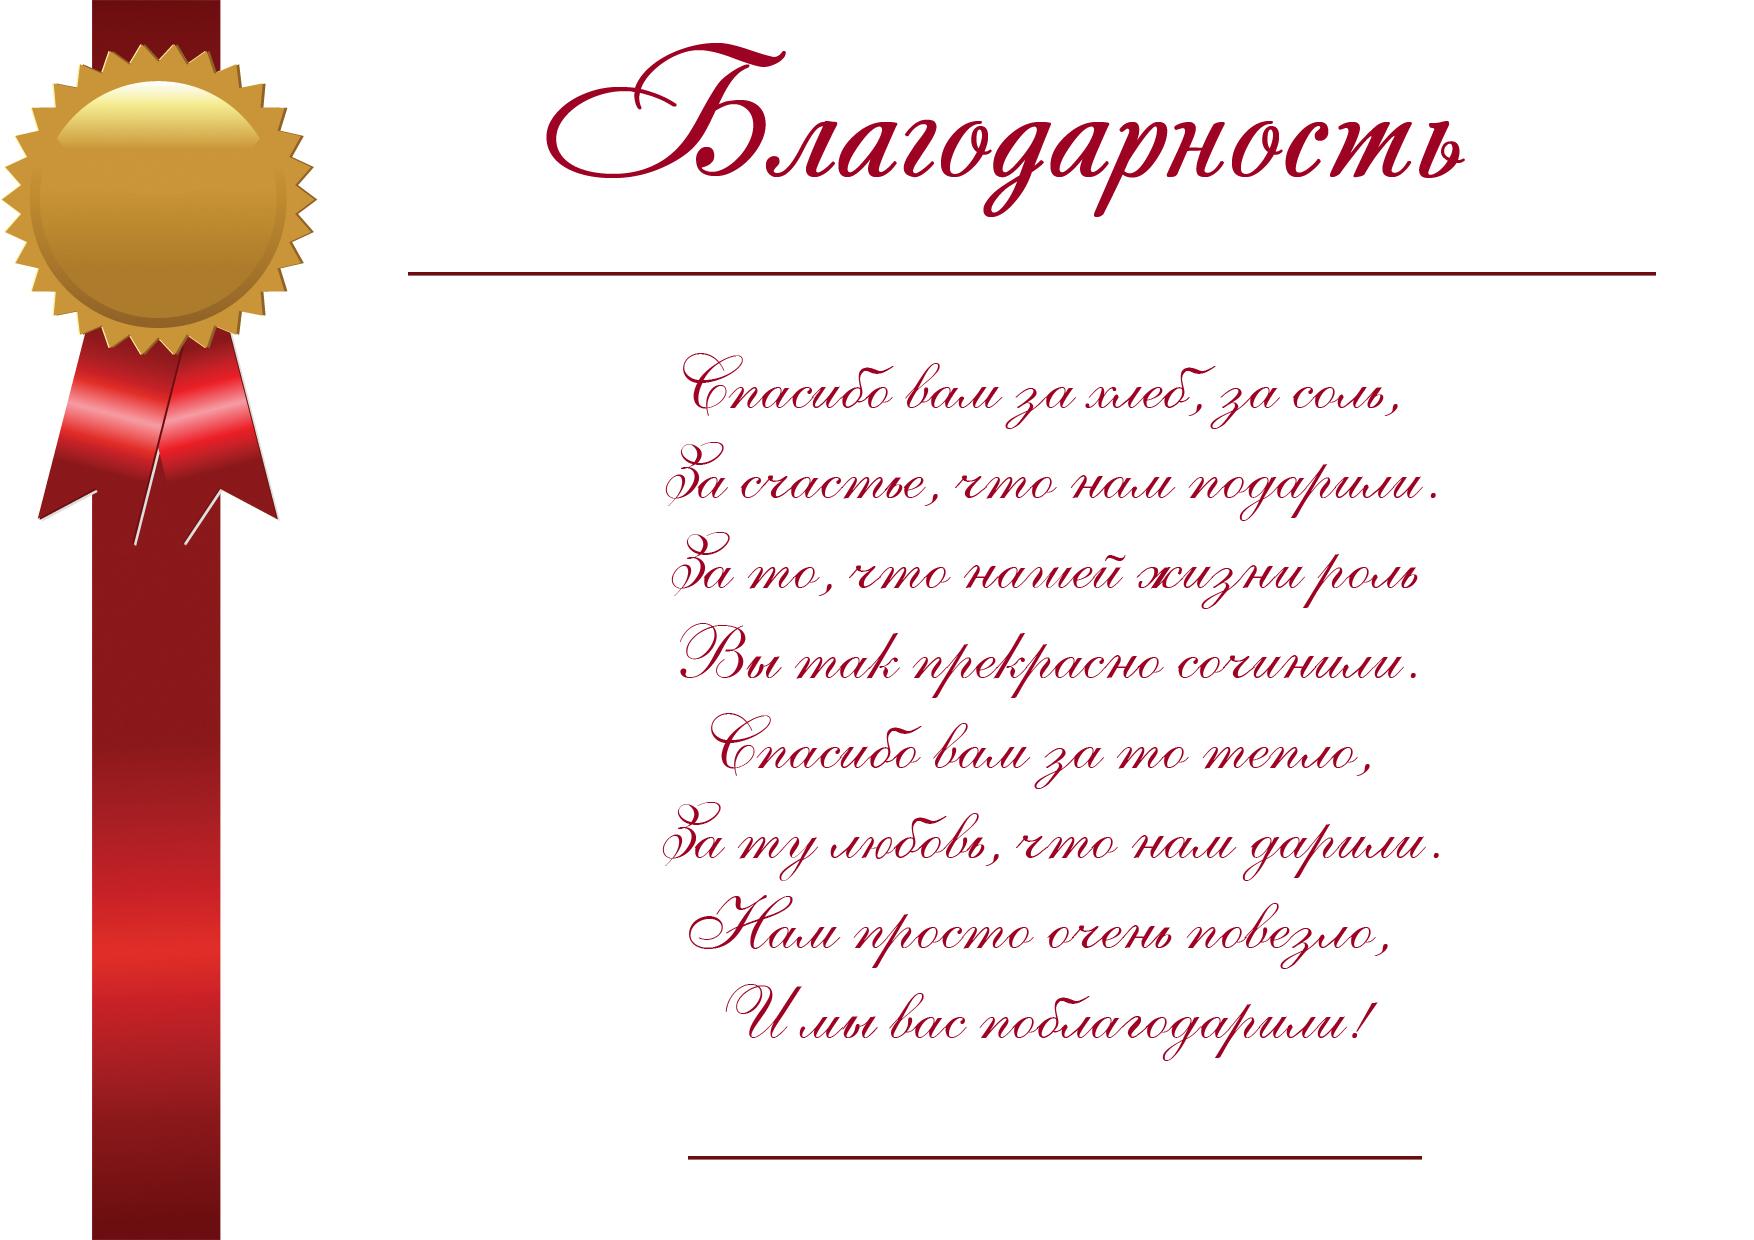 Стих поздравление со свадьбой от сына маме фото 521